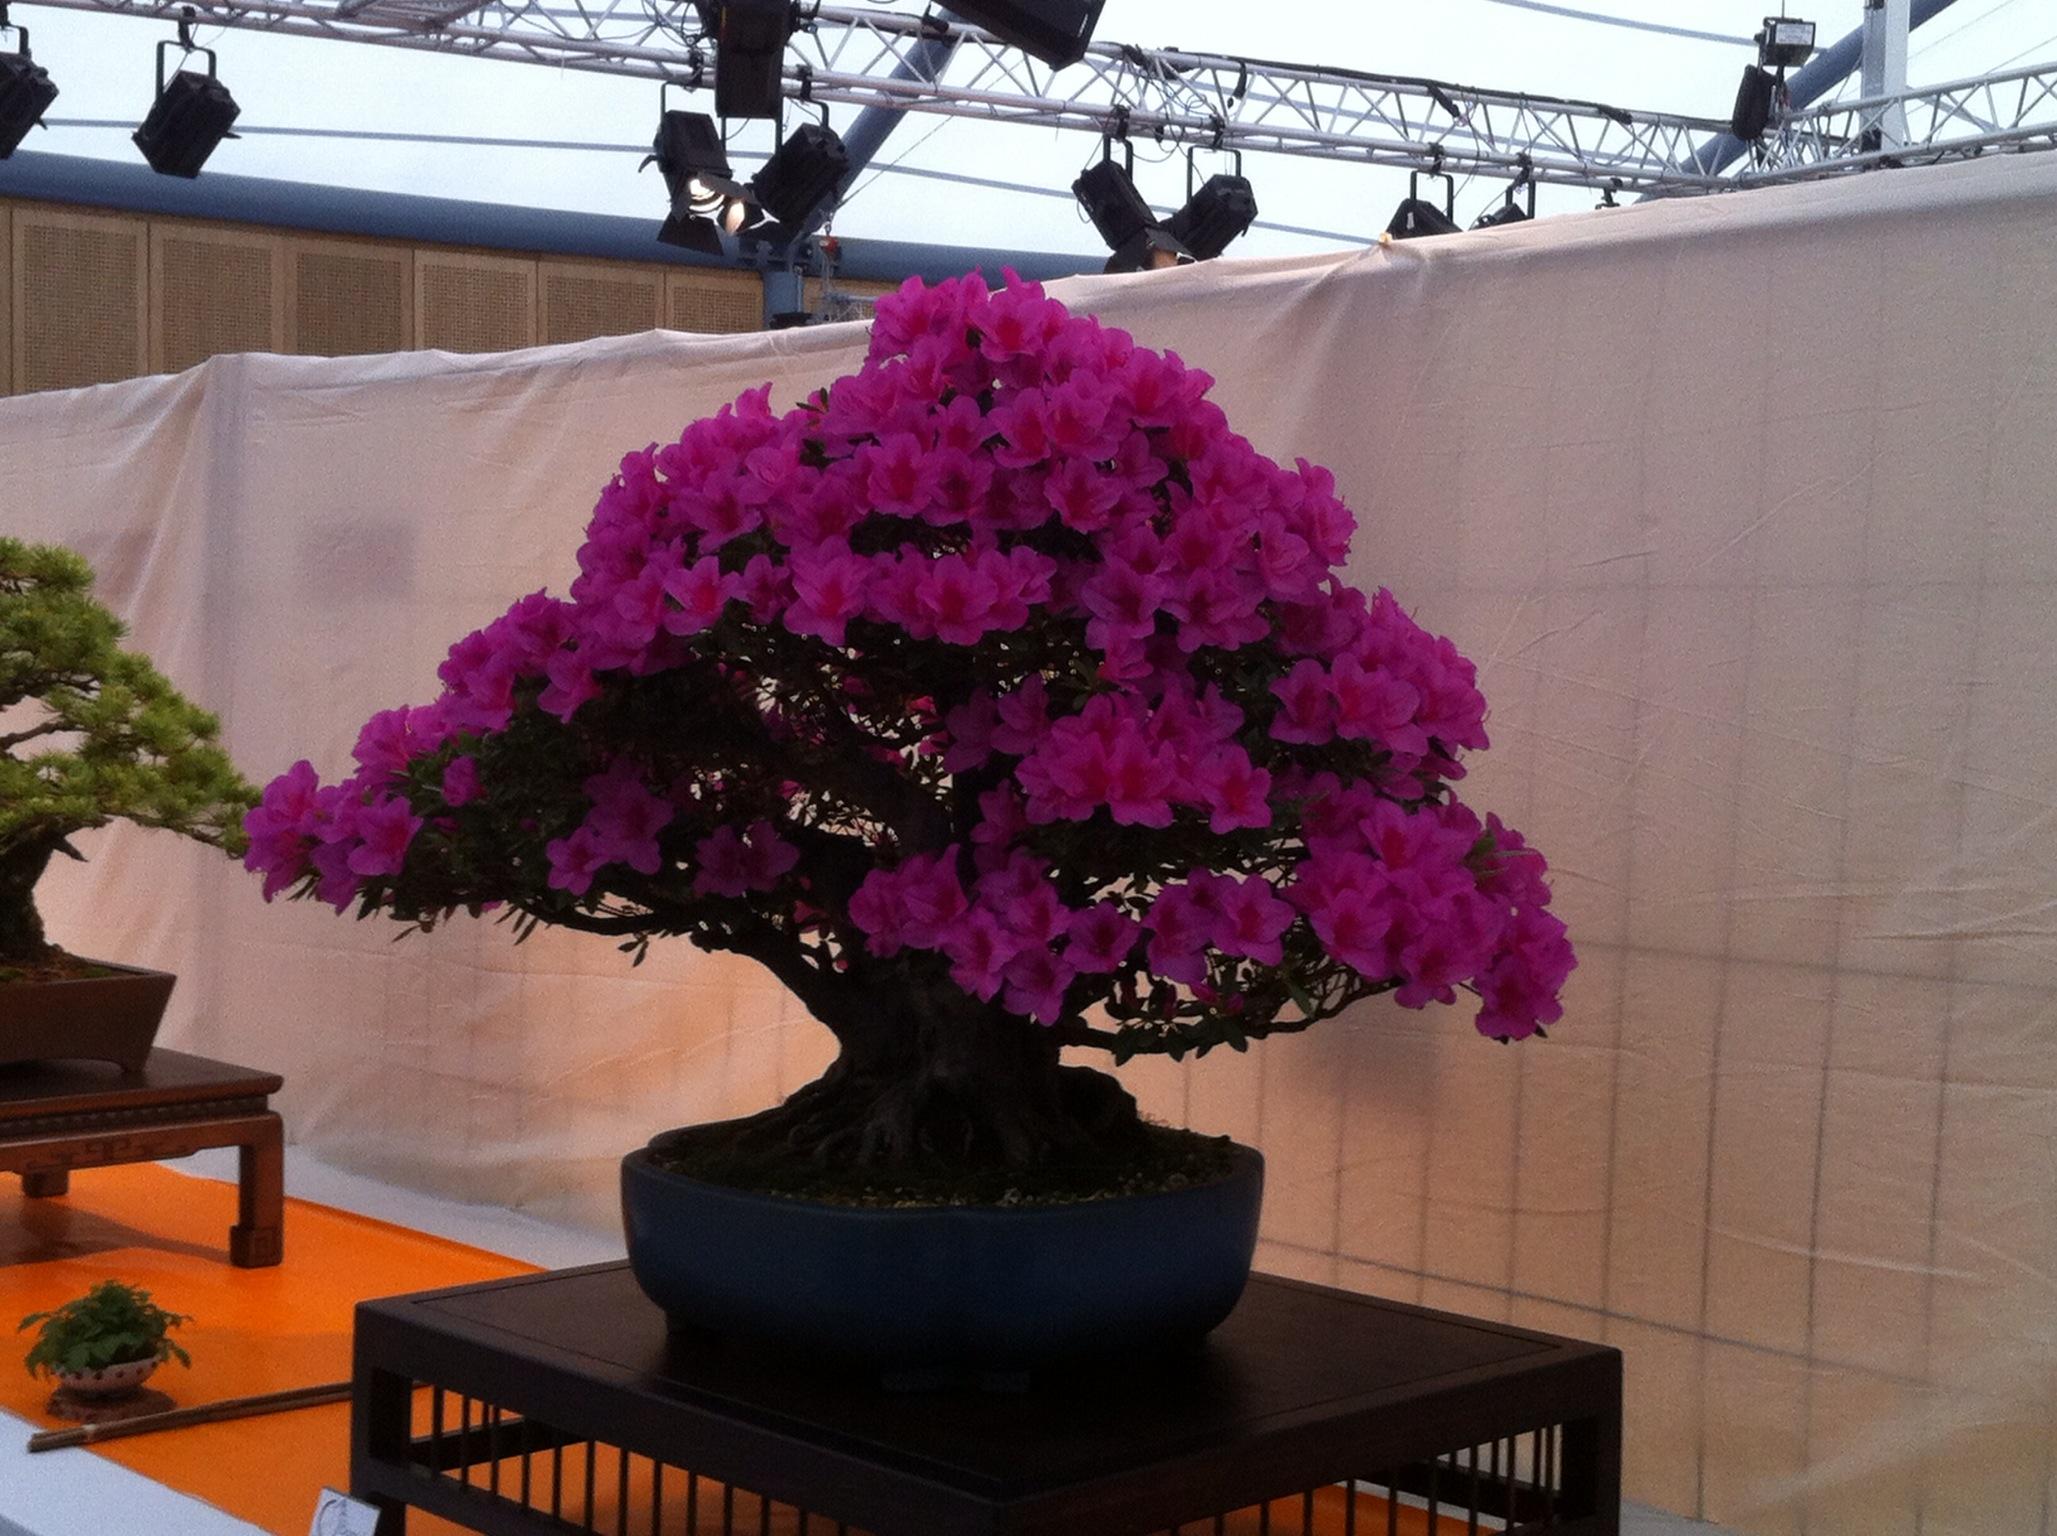 Entretien d 39 un bonsa azal e satsuki taille rempotage for Entretien bonsai interieur